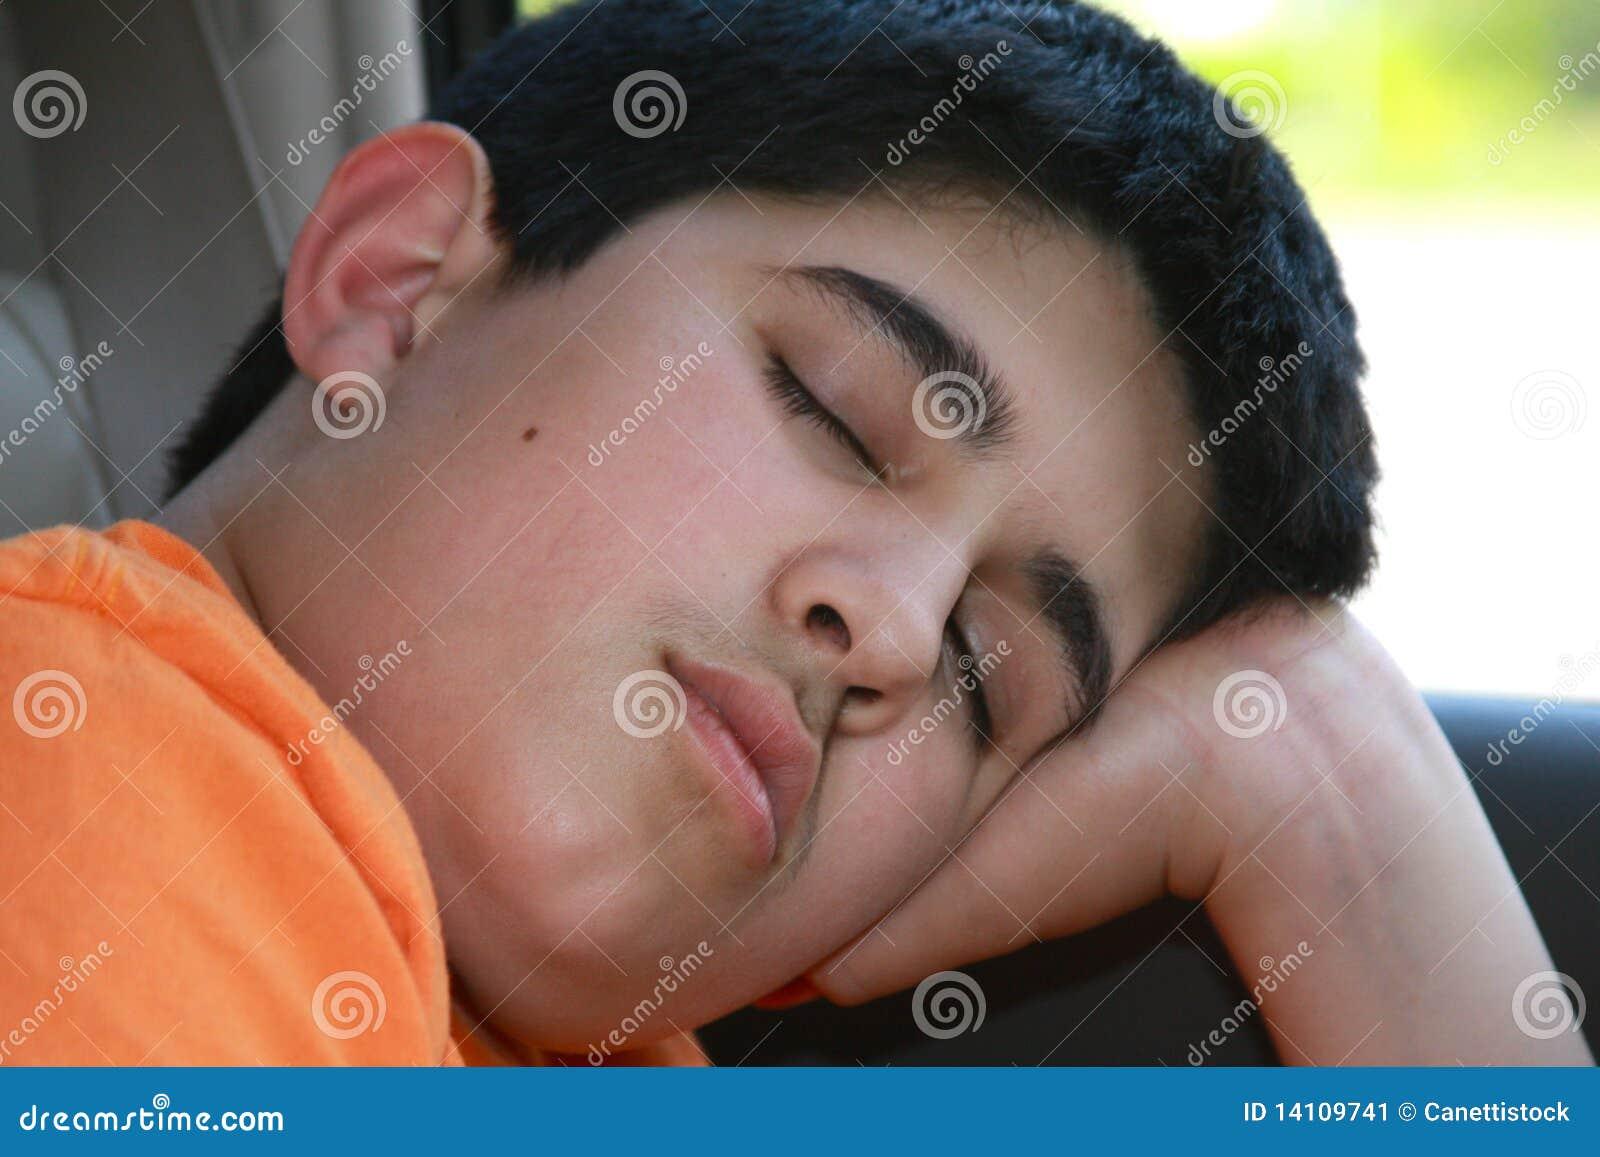 Sleeping Teen Thumbs 14